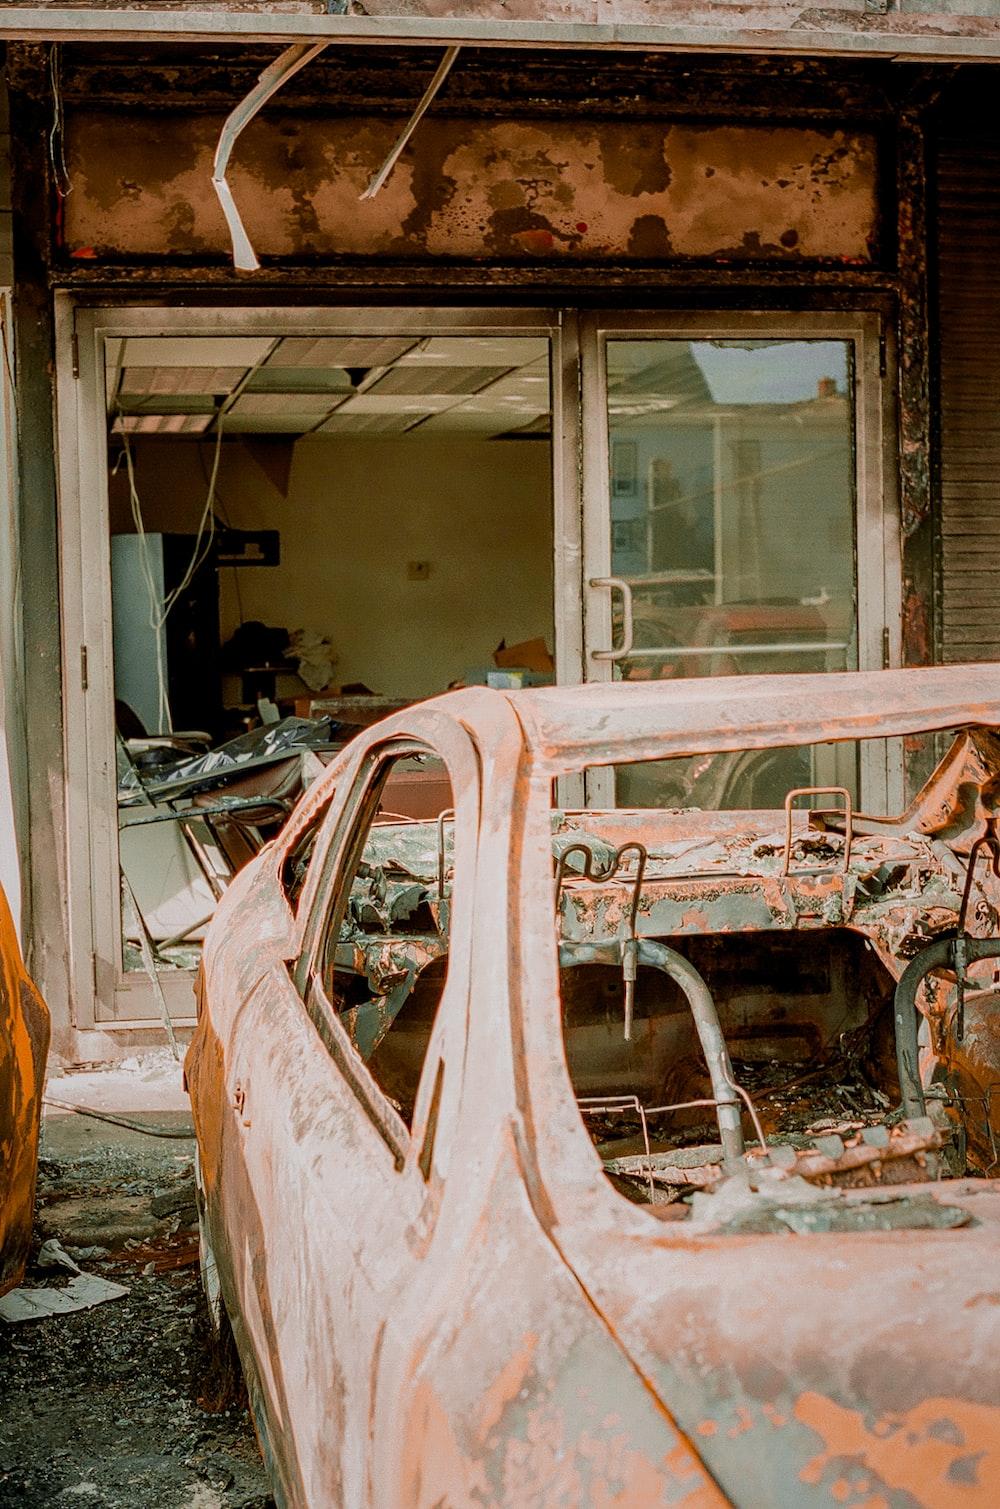 broken car in front of window